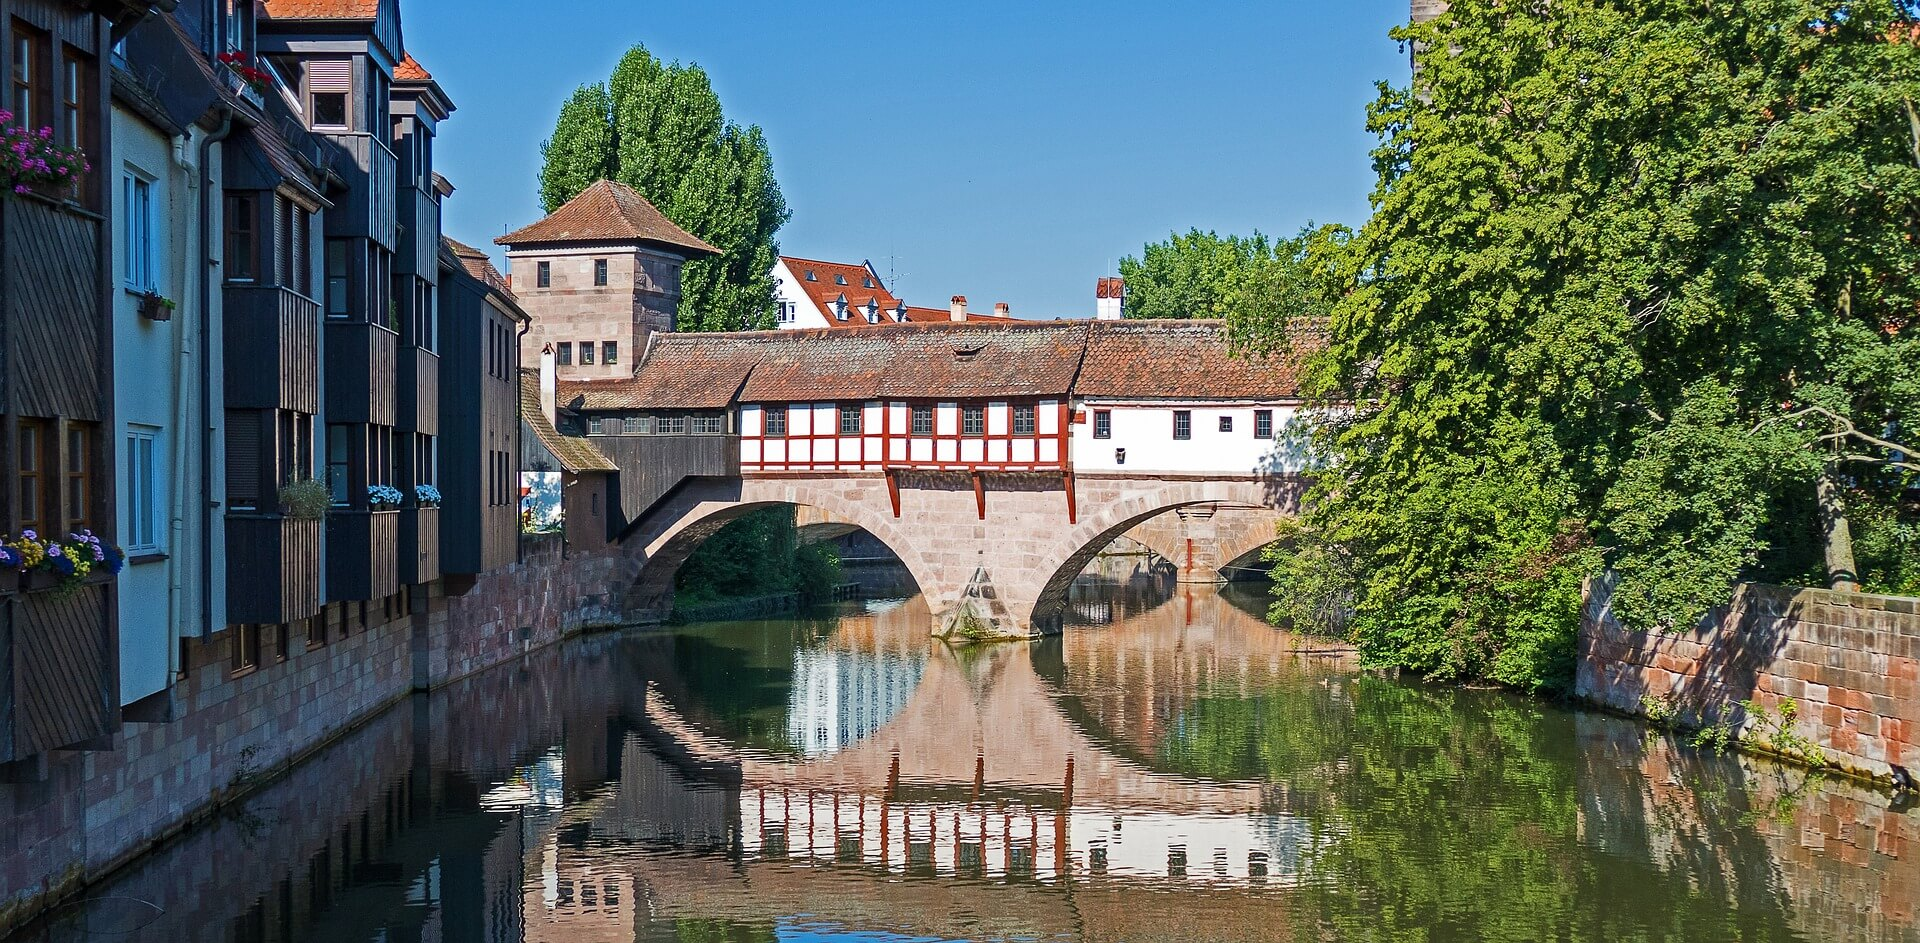 Direktflüge und Billigflüge ab München nach Nürnberg